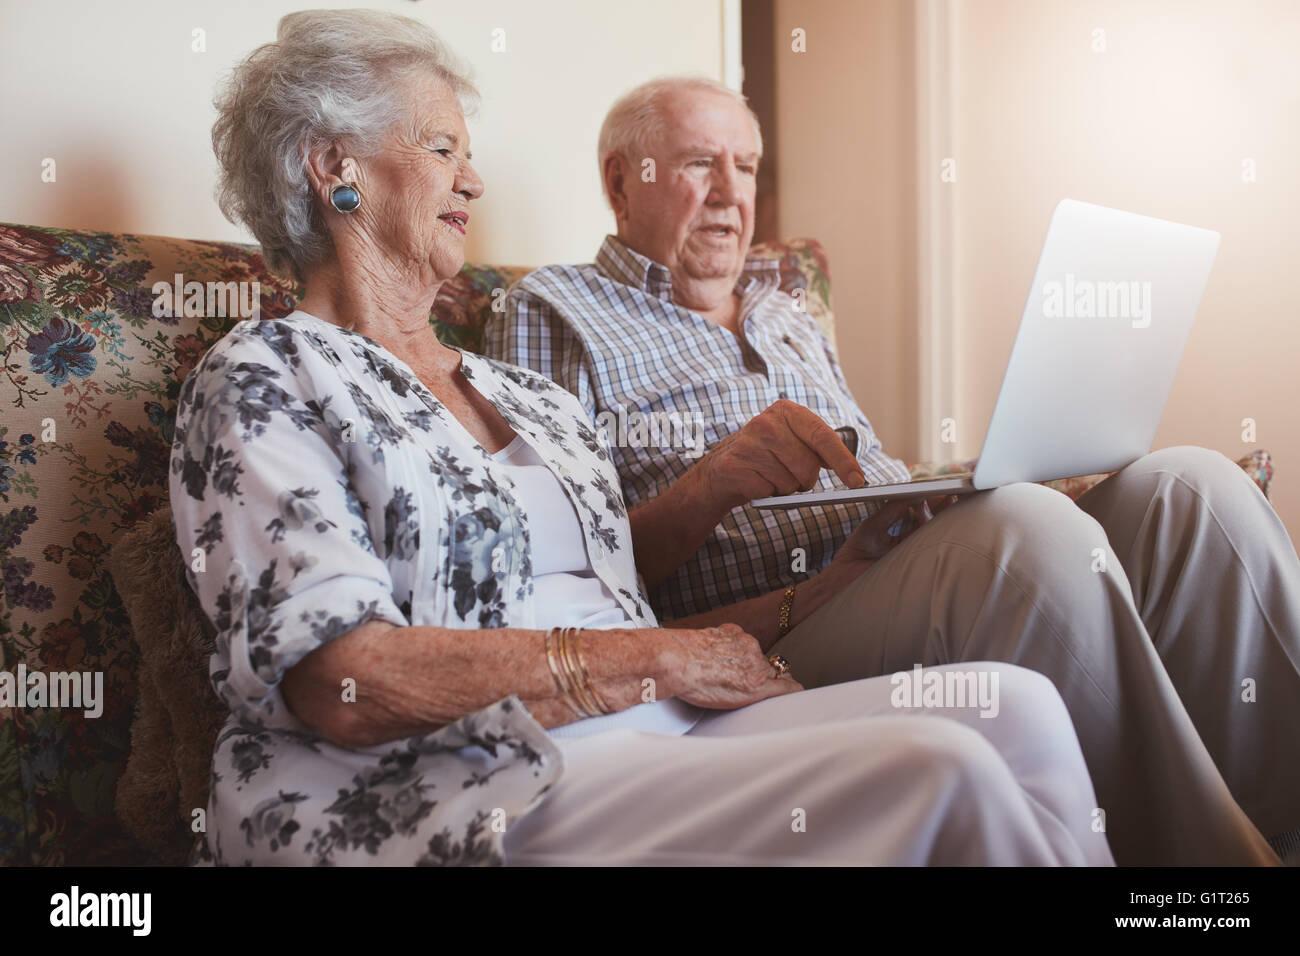 Piscina colpo di coppia senior seduta su un divano con un computer portatile. Il vecchio uomo e donna relax su un Immagini Stock